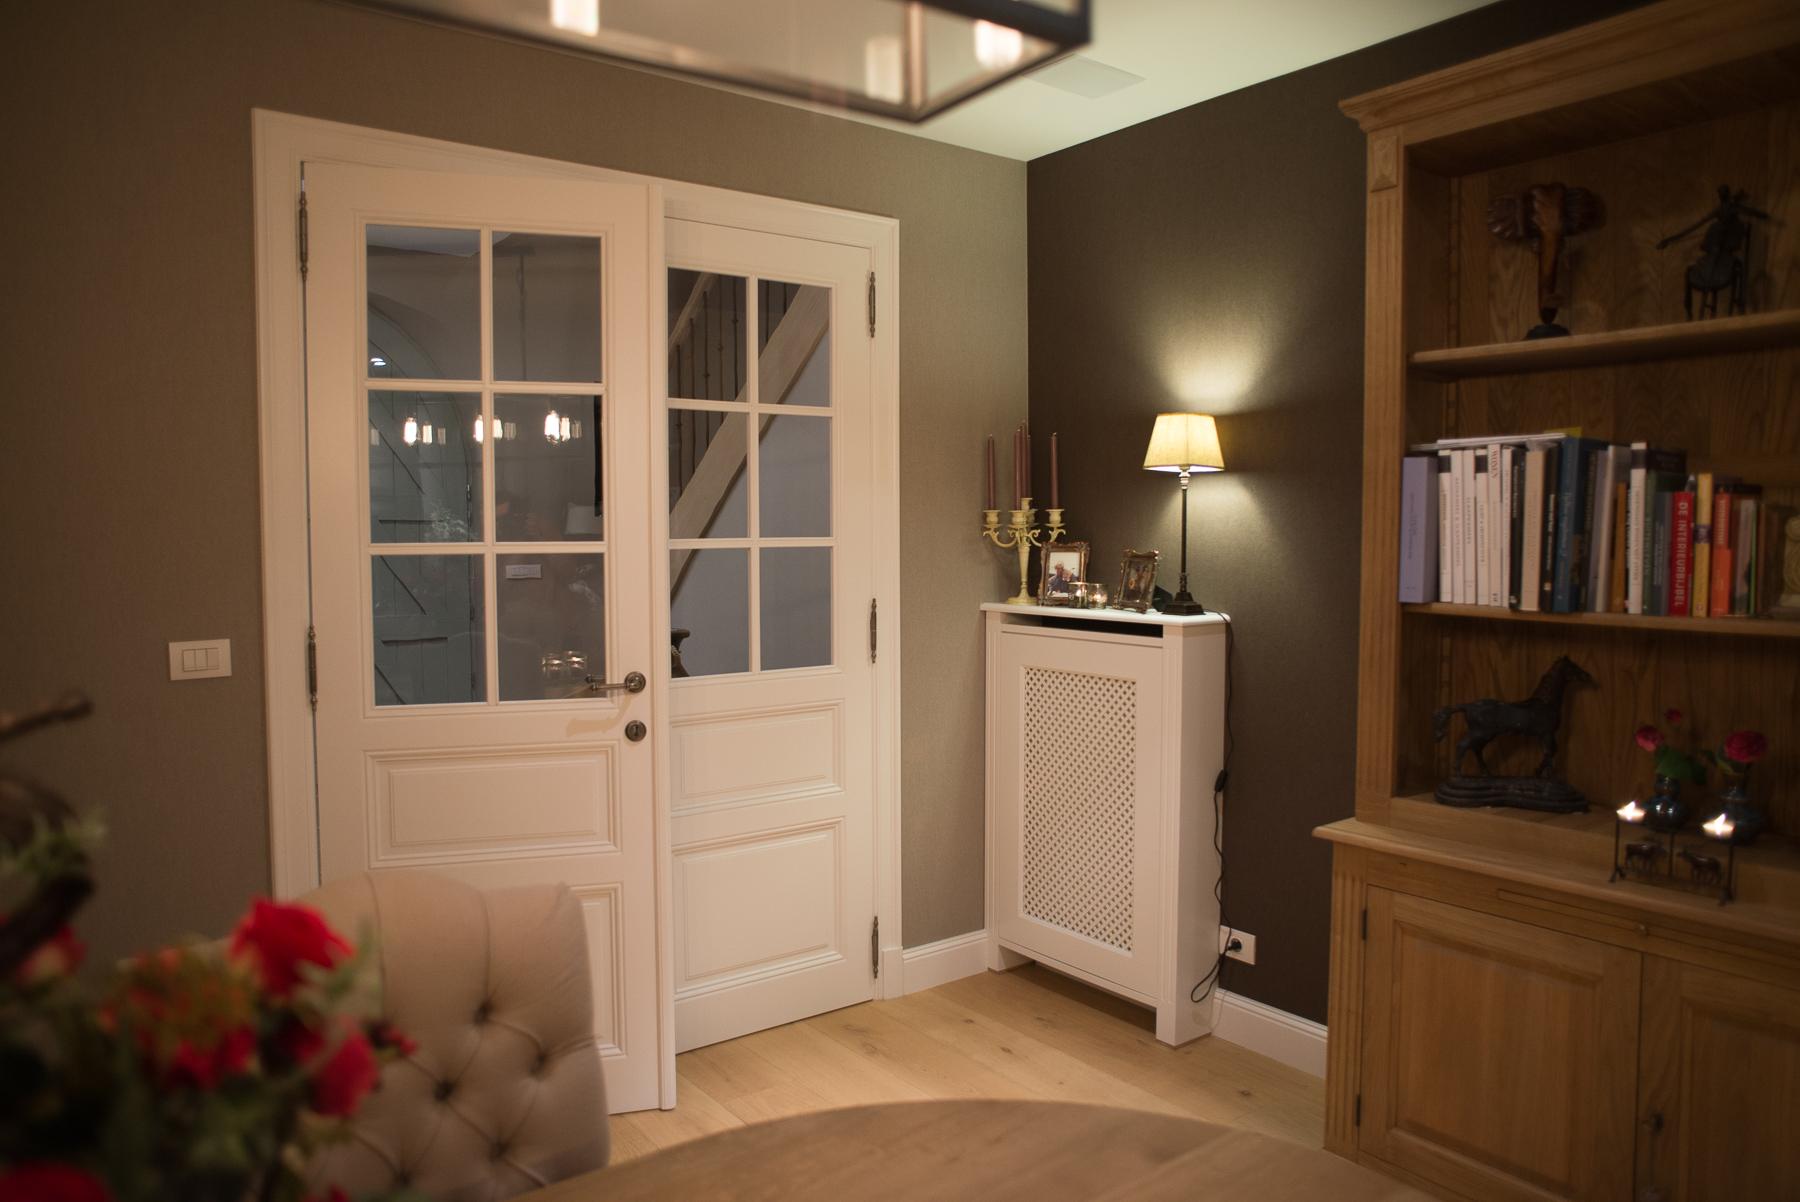 Slaapkamer modern landelijk for Slaapkamer landelijk modern